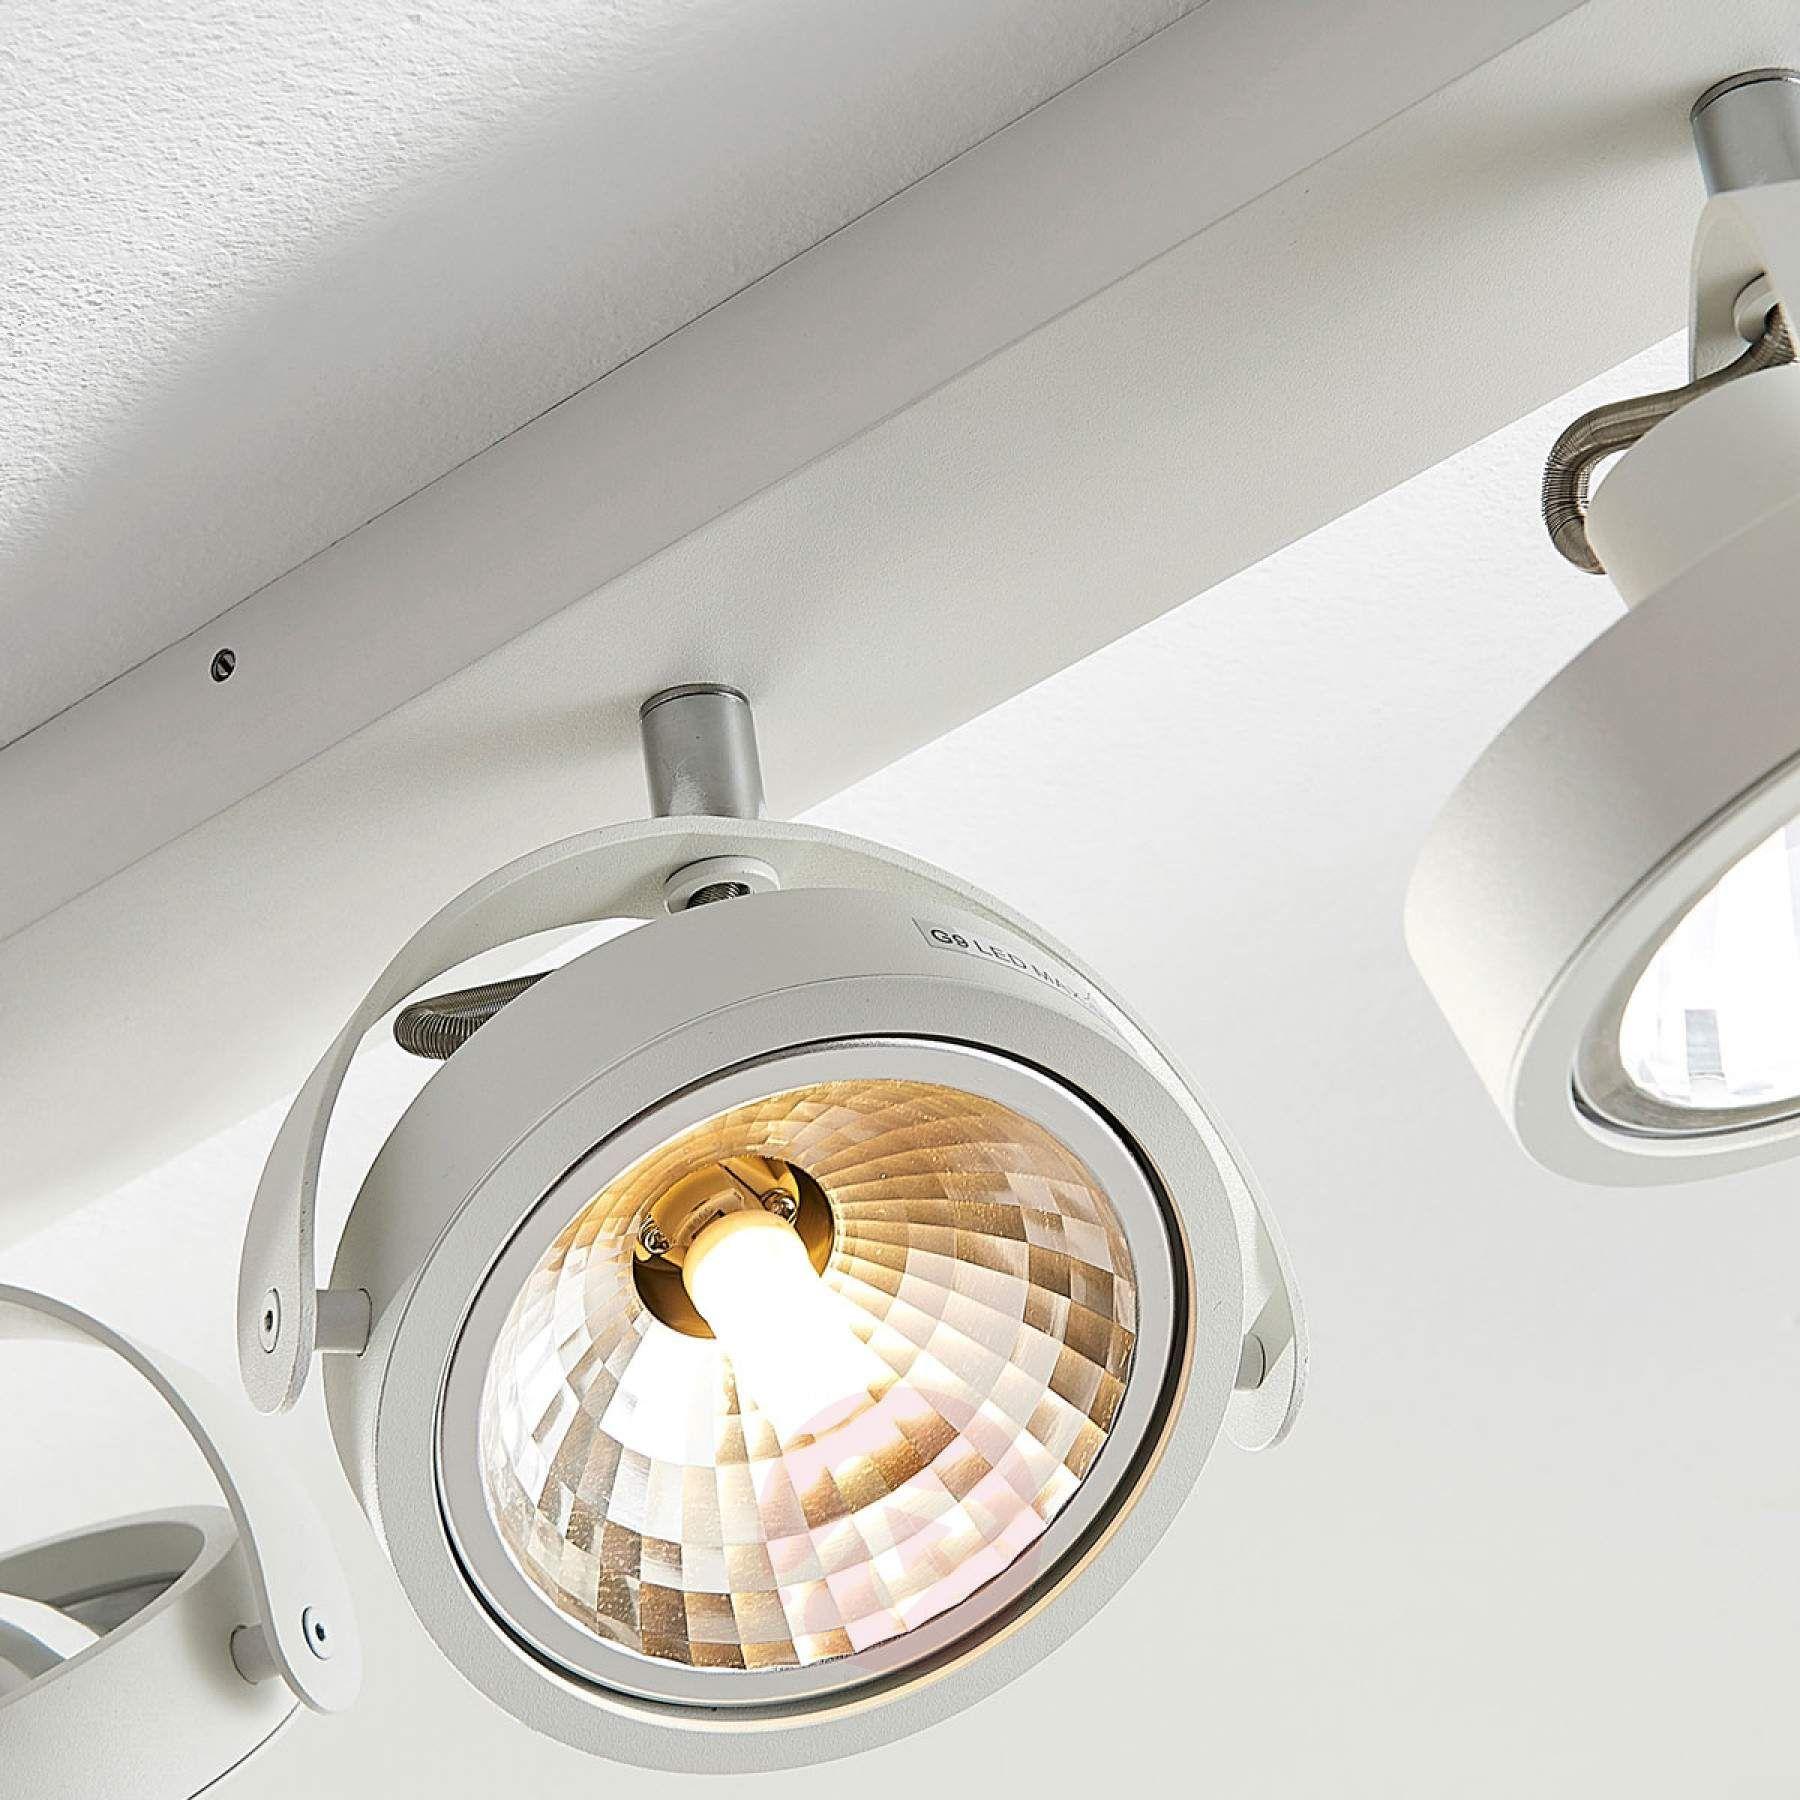 Längliche LED Deckenlampe Lieven, 4 fl. weiß | Led